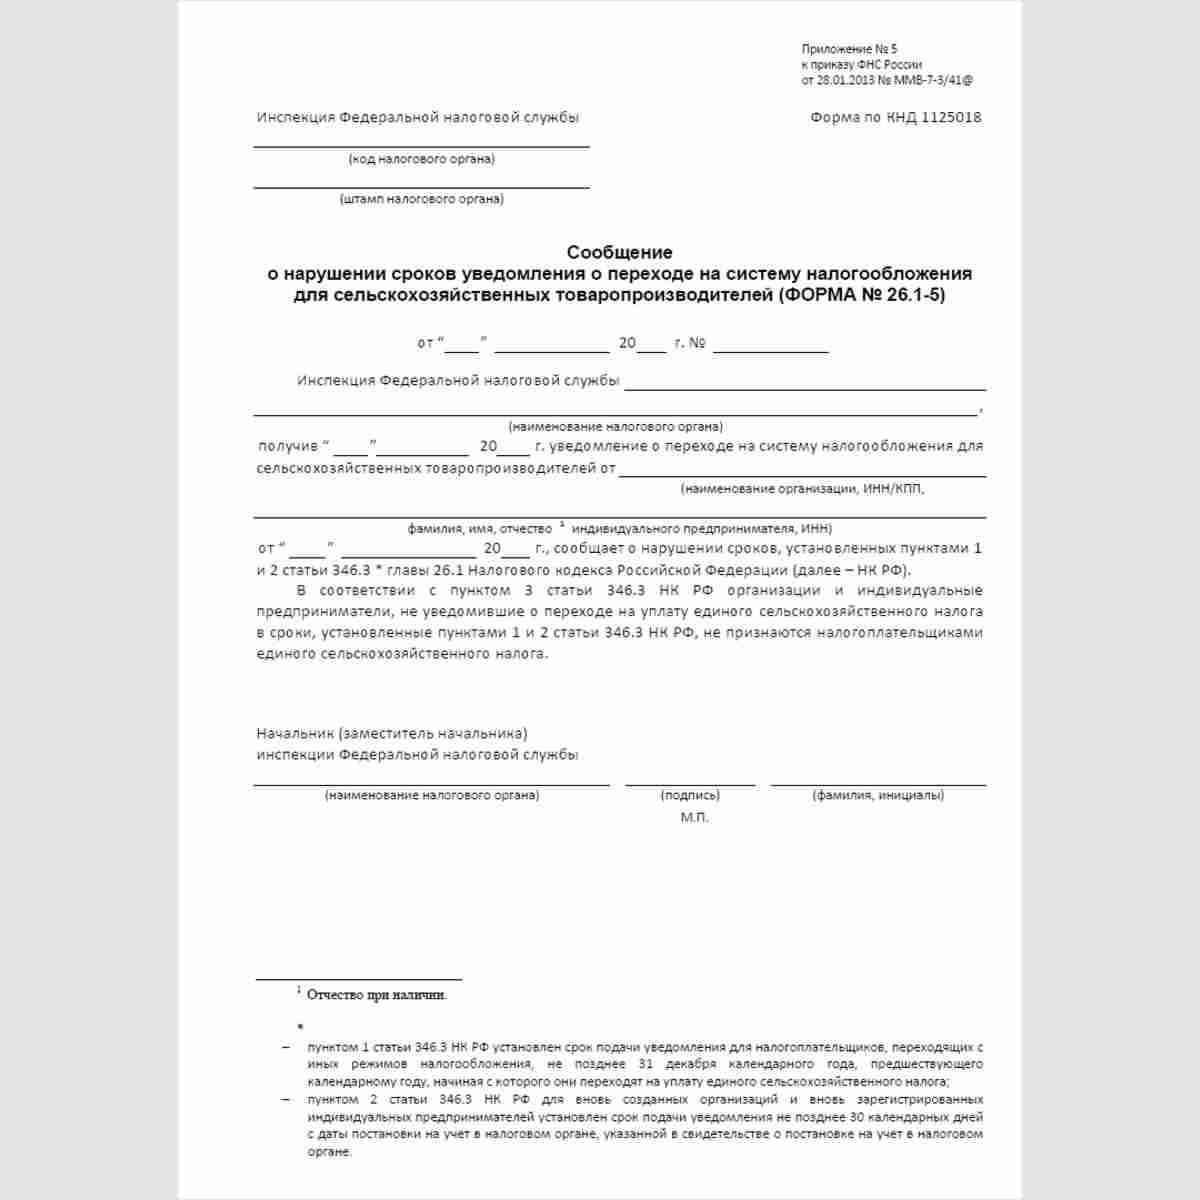 """Форма КНД 1125018 """"Сообщение о нарушении сроков уведомления о переходе на систему налогообложения для сельскохозяйственных товаропроизводителей"""" (форма №26.1-5)"""